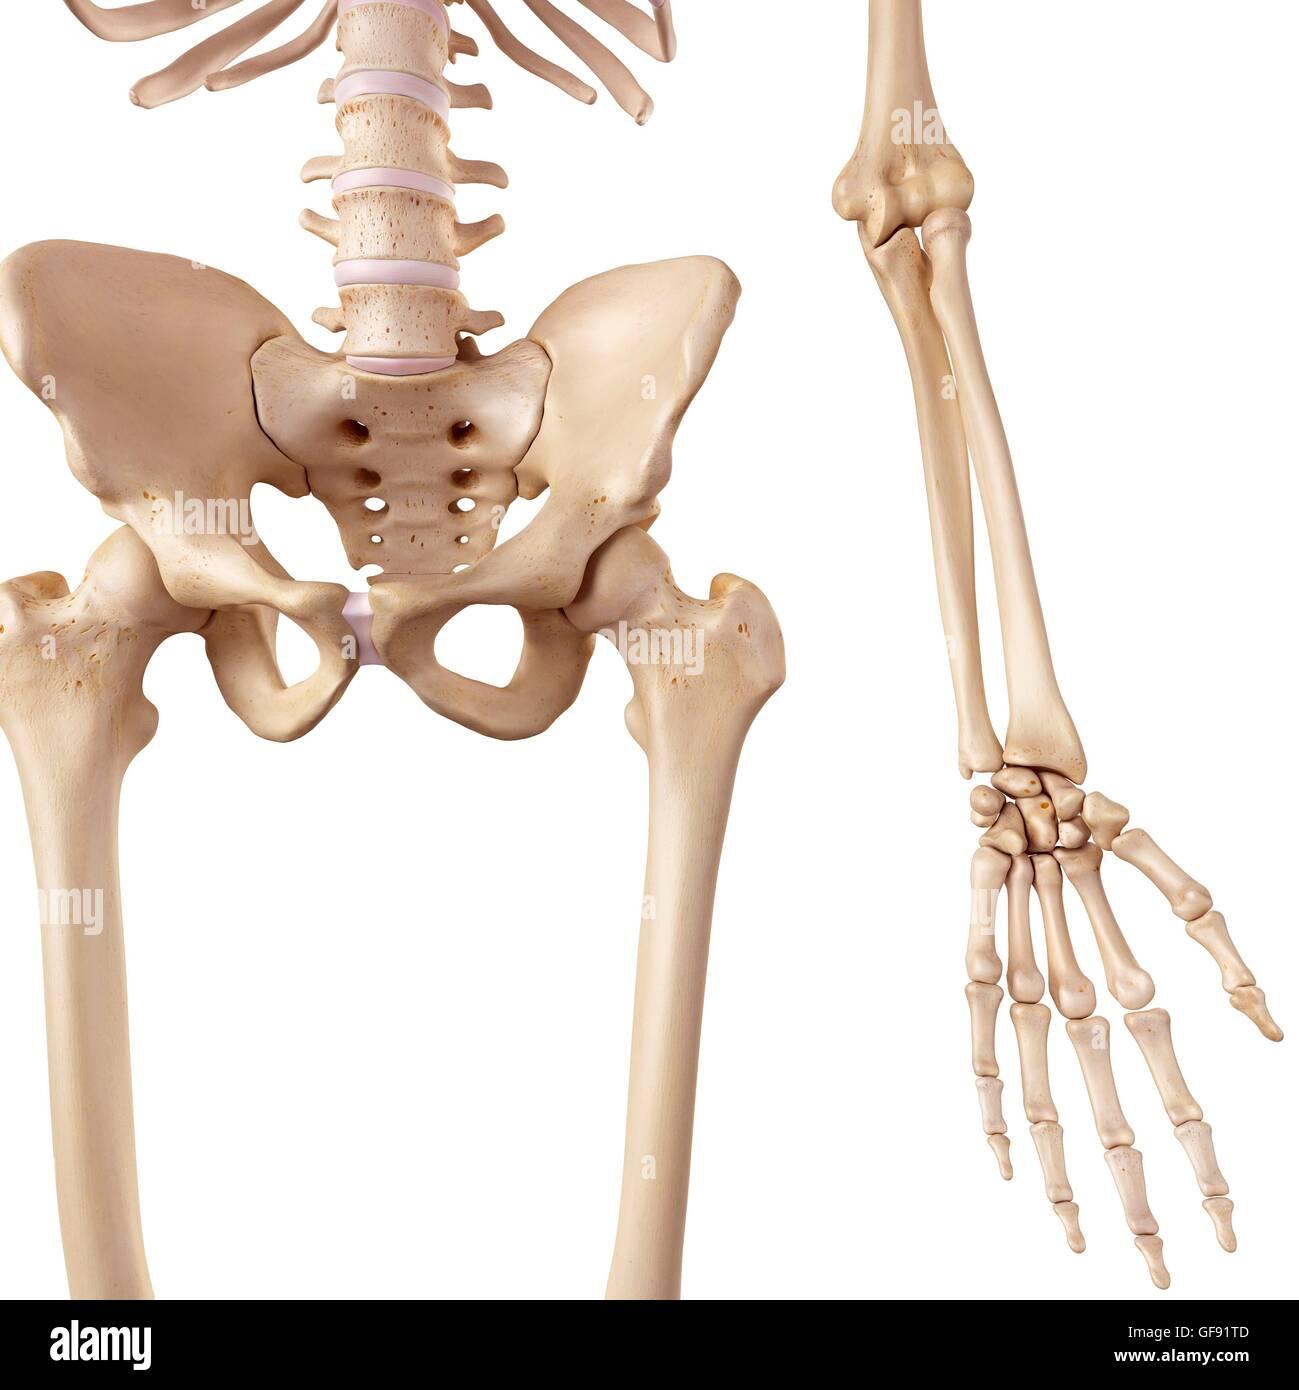 Groß Menschliche Hüftknochen Ideen - Anatomie Ideen - finotti.info